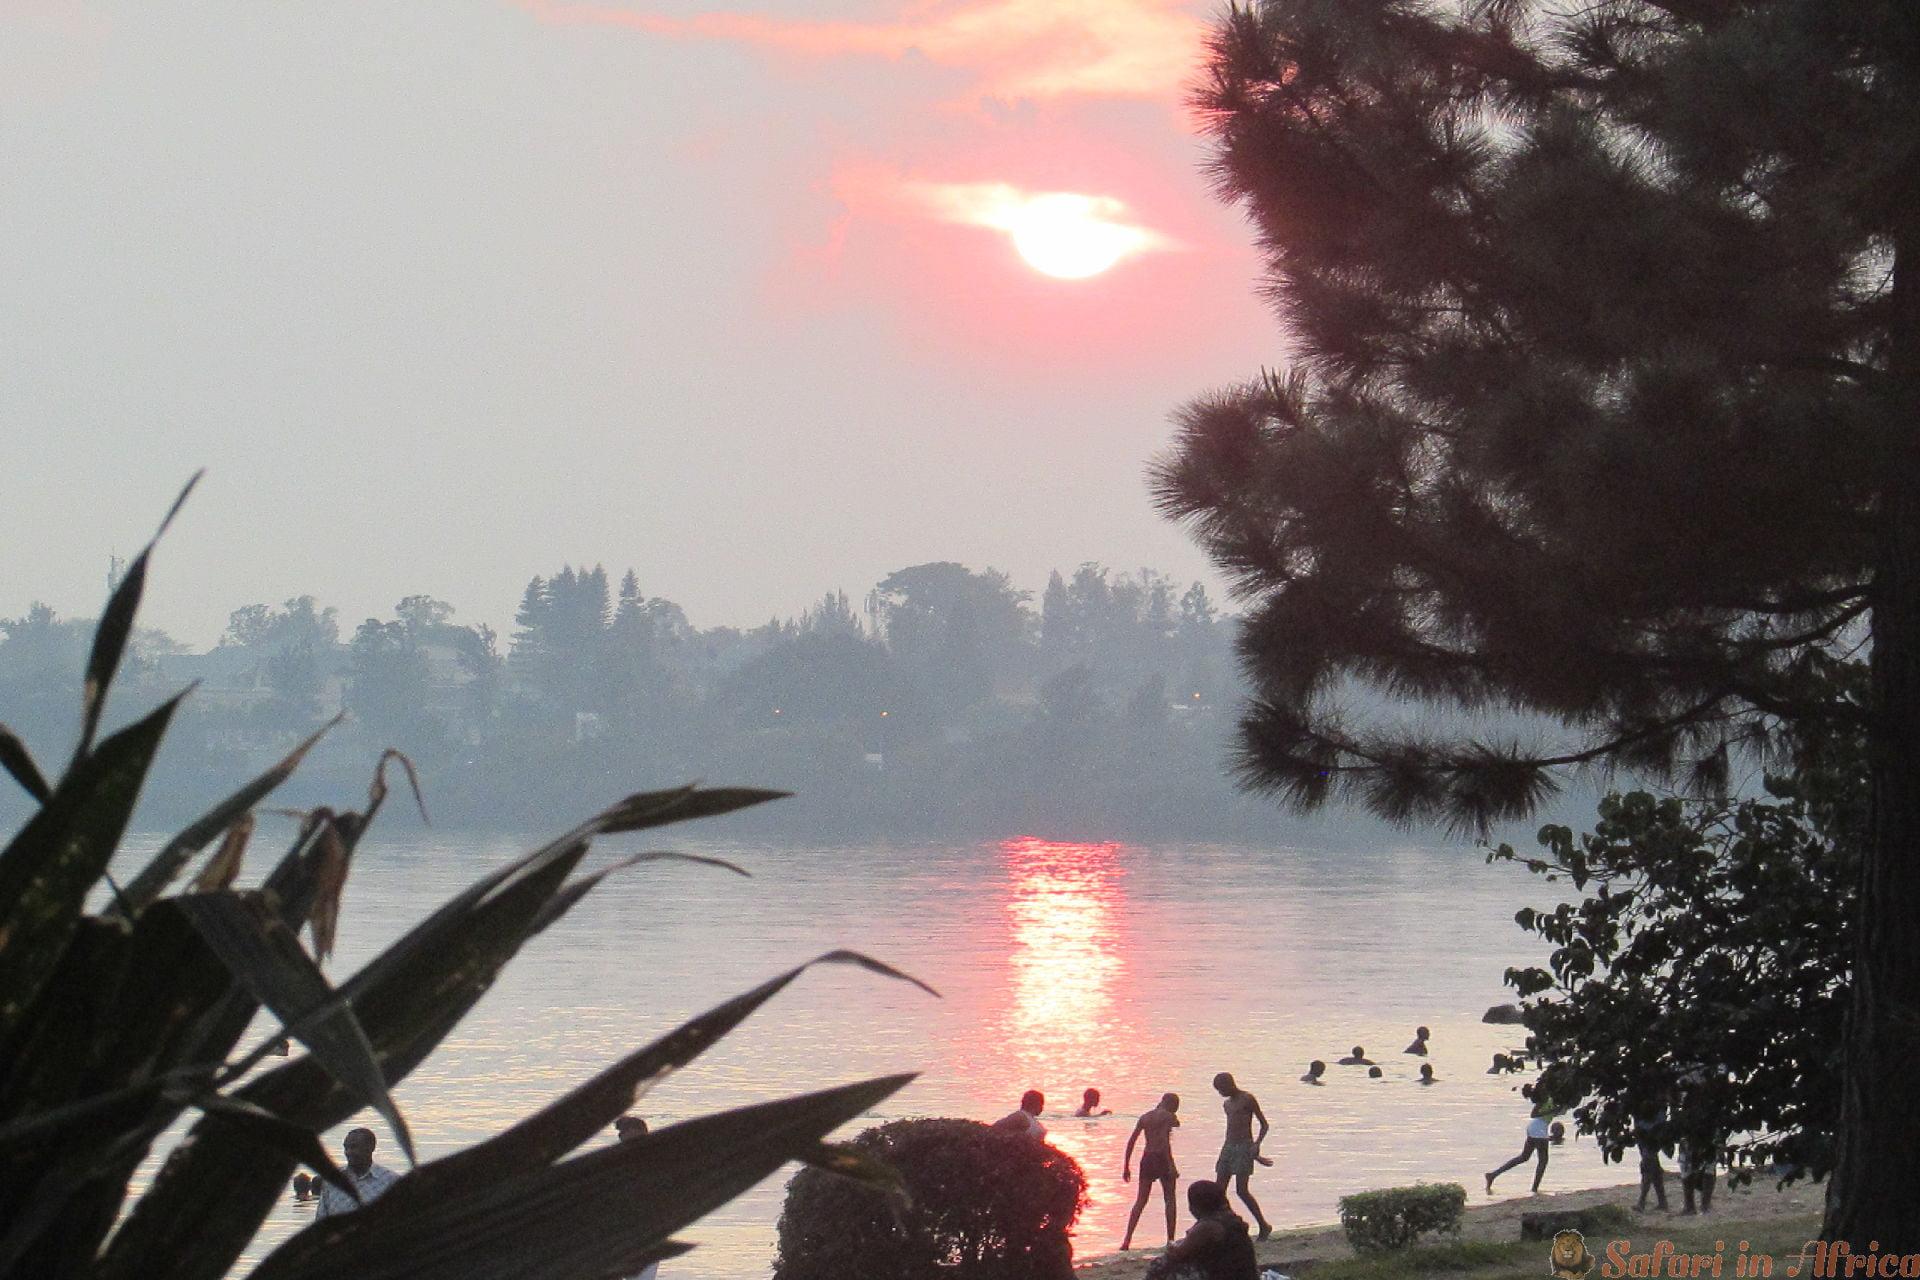 Boys enjoying water at the sunset Gisenyi